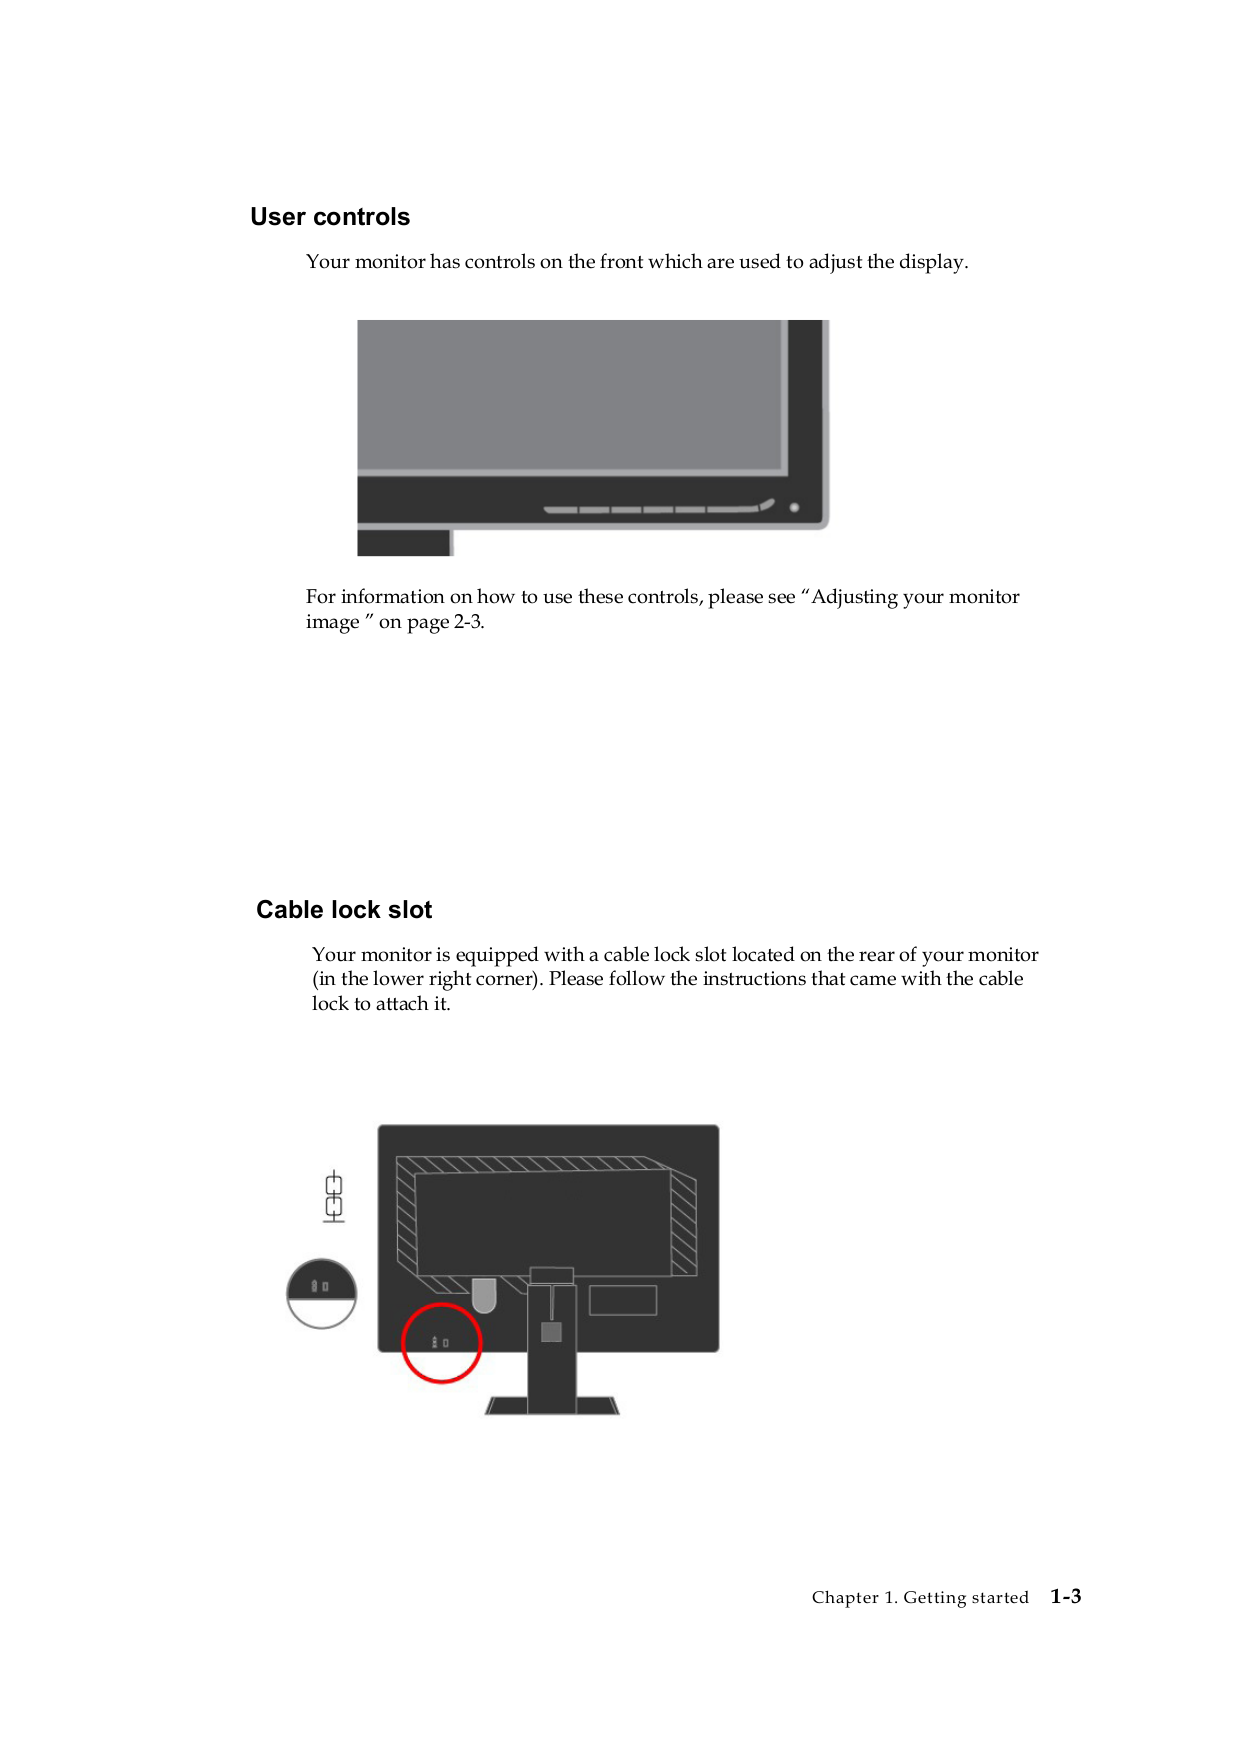 pdf manual for lenovo monitor thinkvision l2250p rh umlib com Lenovo ThinkVision Driver lenovo thinkvision l2250p user manual